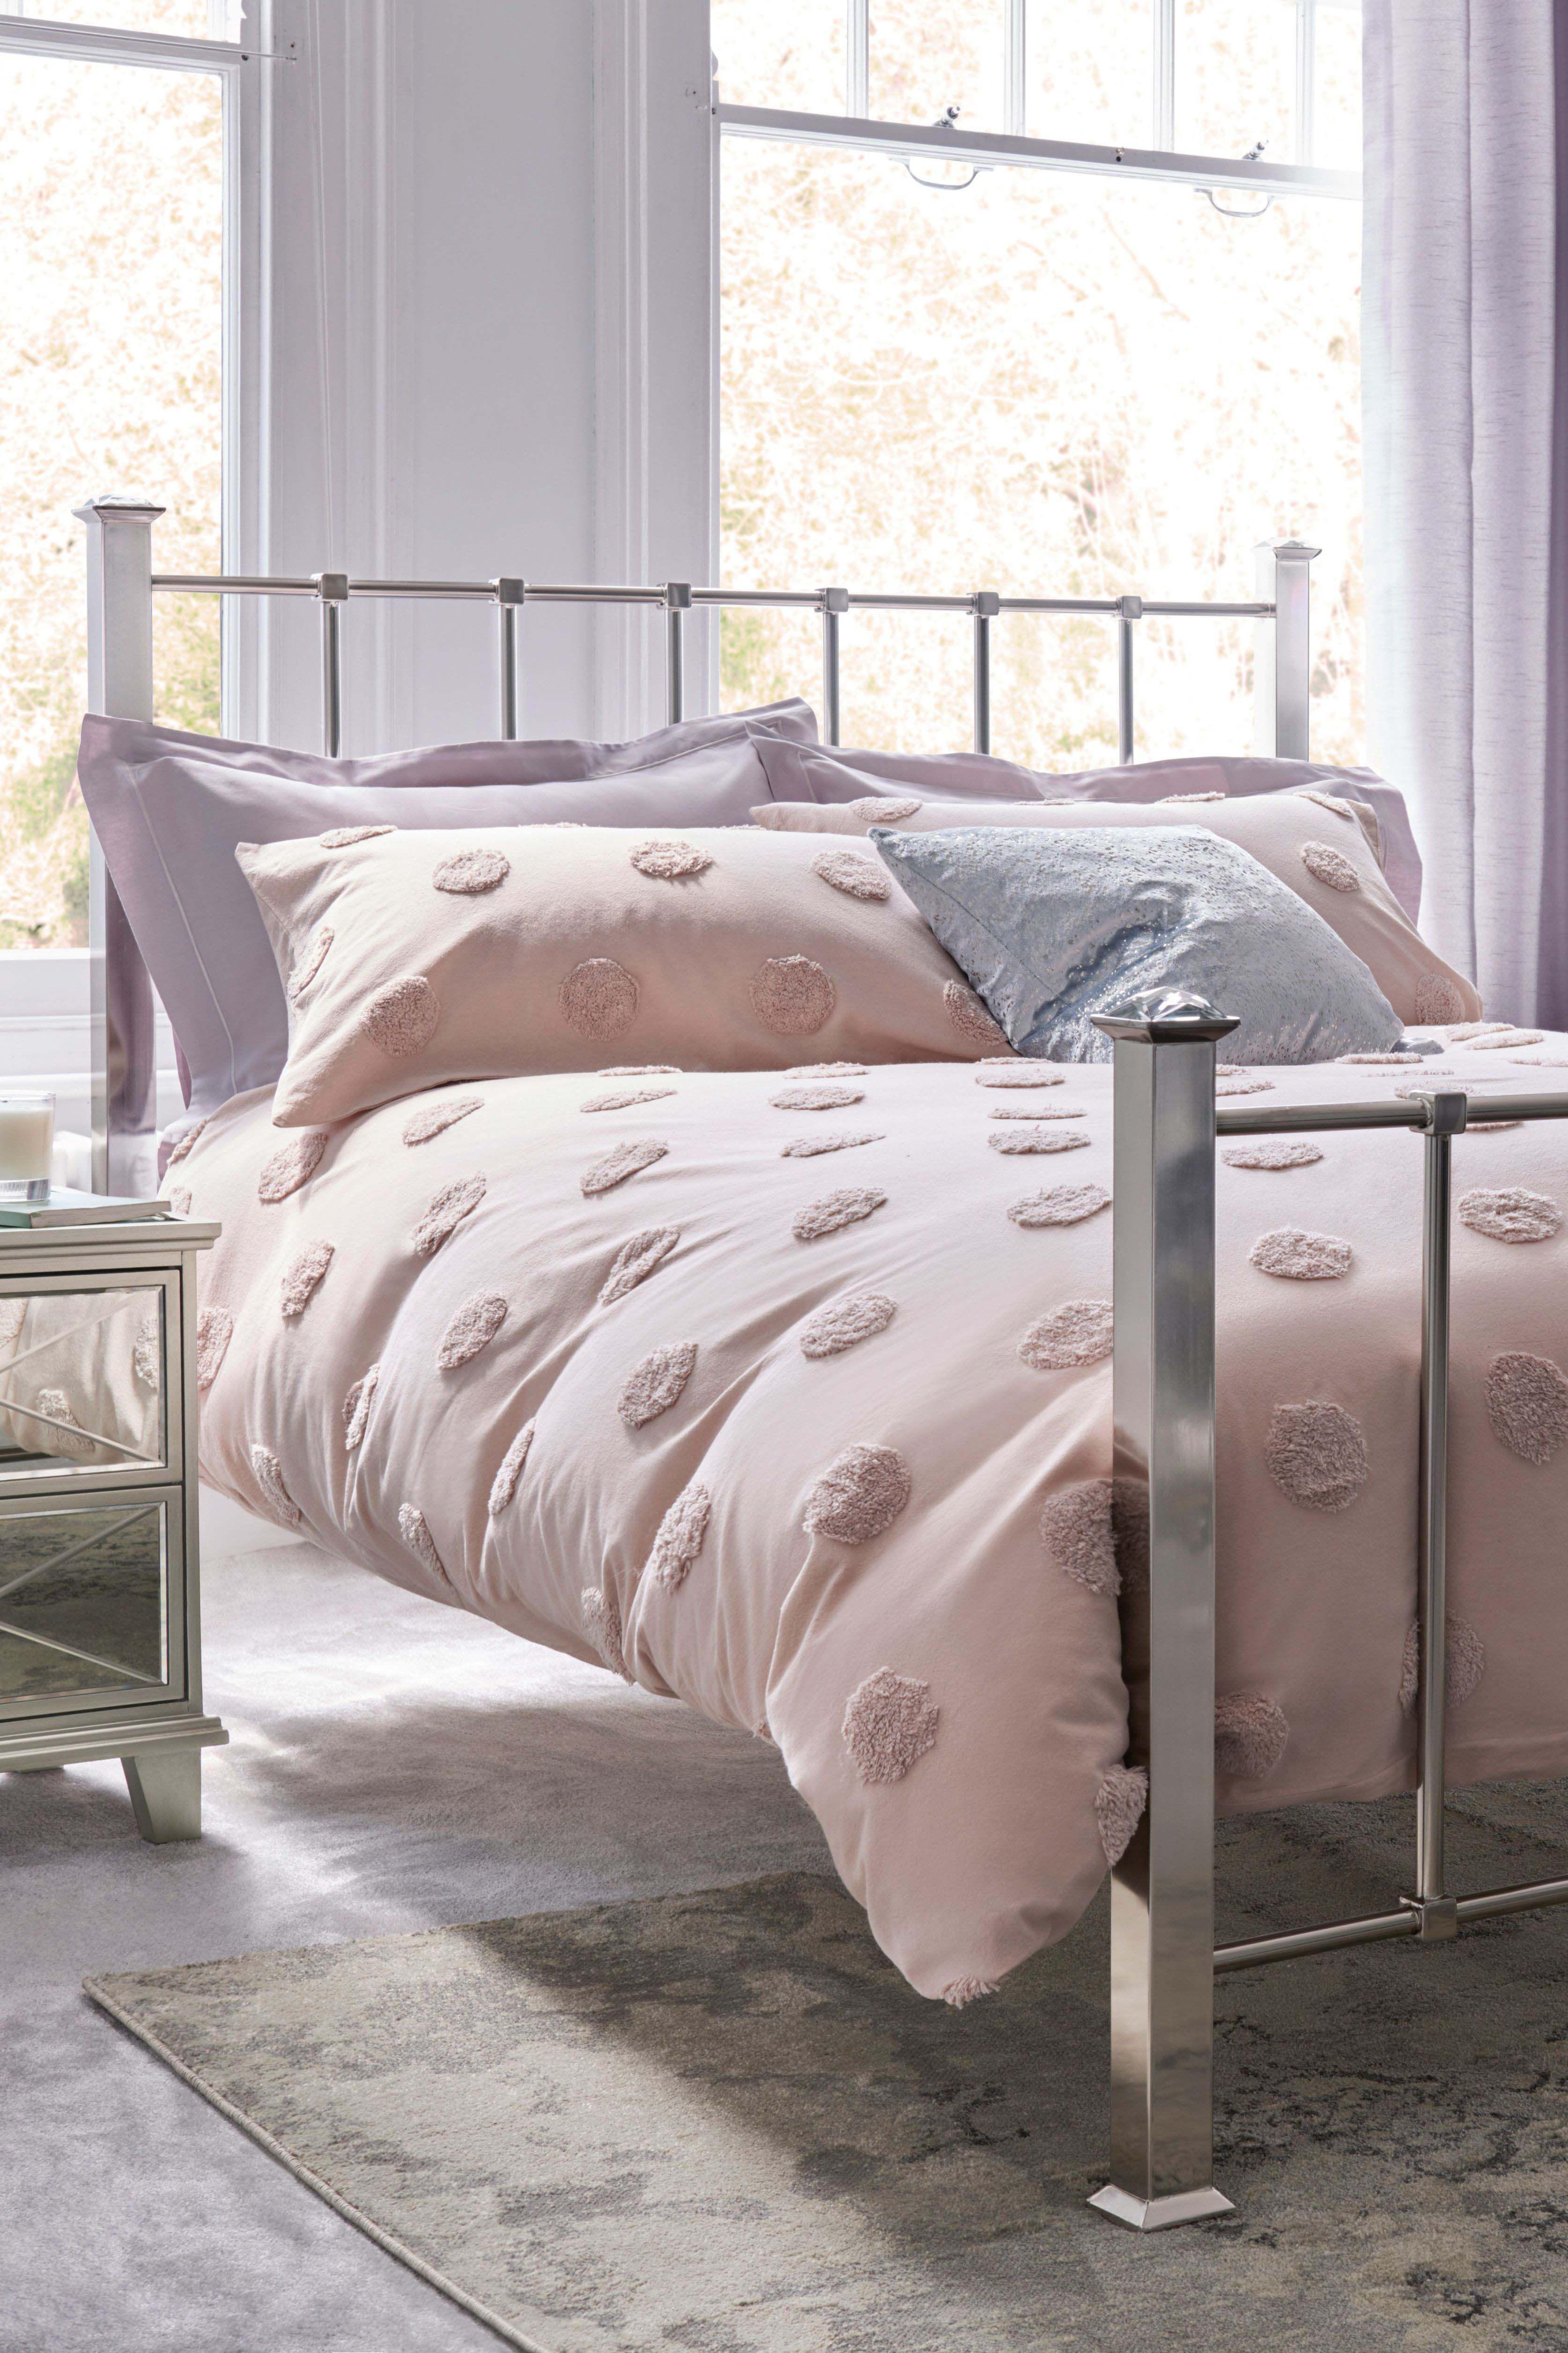 Next Mayfair Bed Silver Bed frames uk, Bedding sets uk